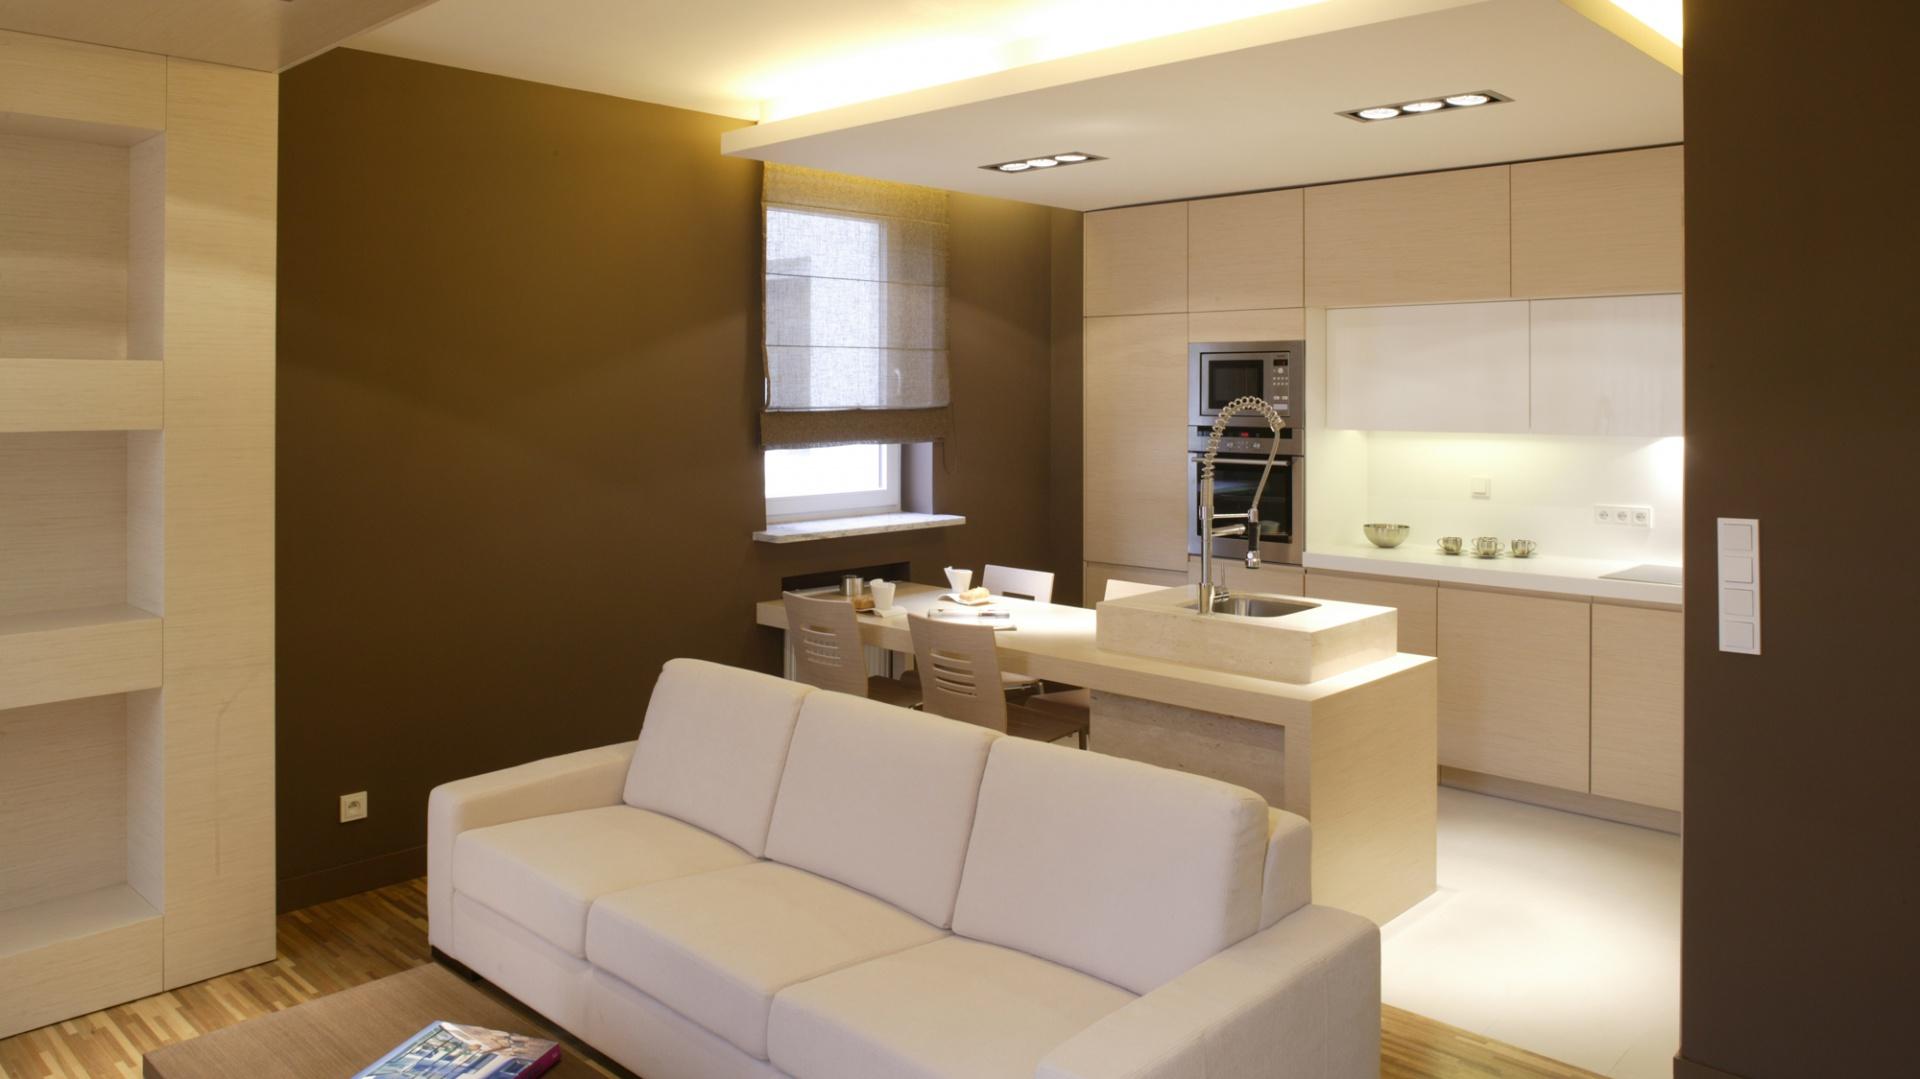 Obniżony sufit optycznie domyka pudełkową konstrukcję wnętrza. Półprzejrzysta, o czekoladowej barwie roleta w oknie nie burzy koncepcji dużych, jednolitych powierzchni. Fot. Bartosz Jarosz